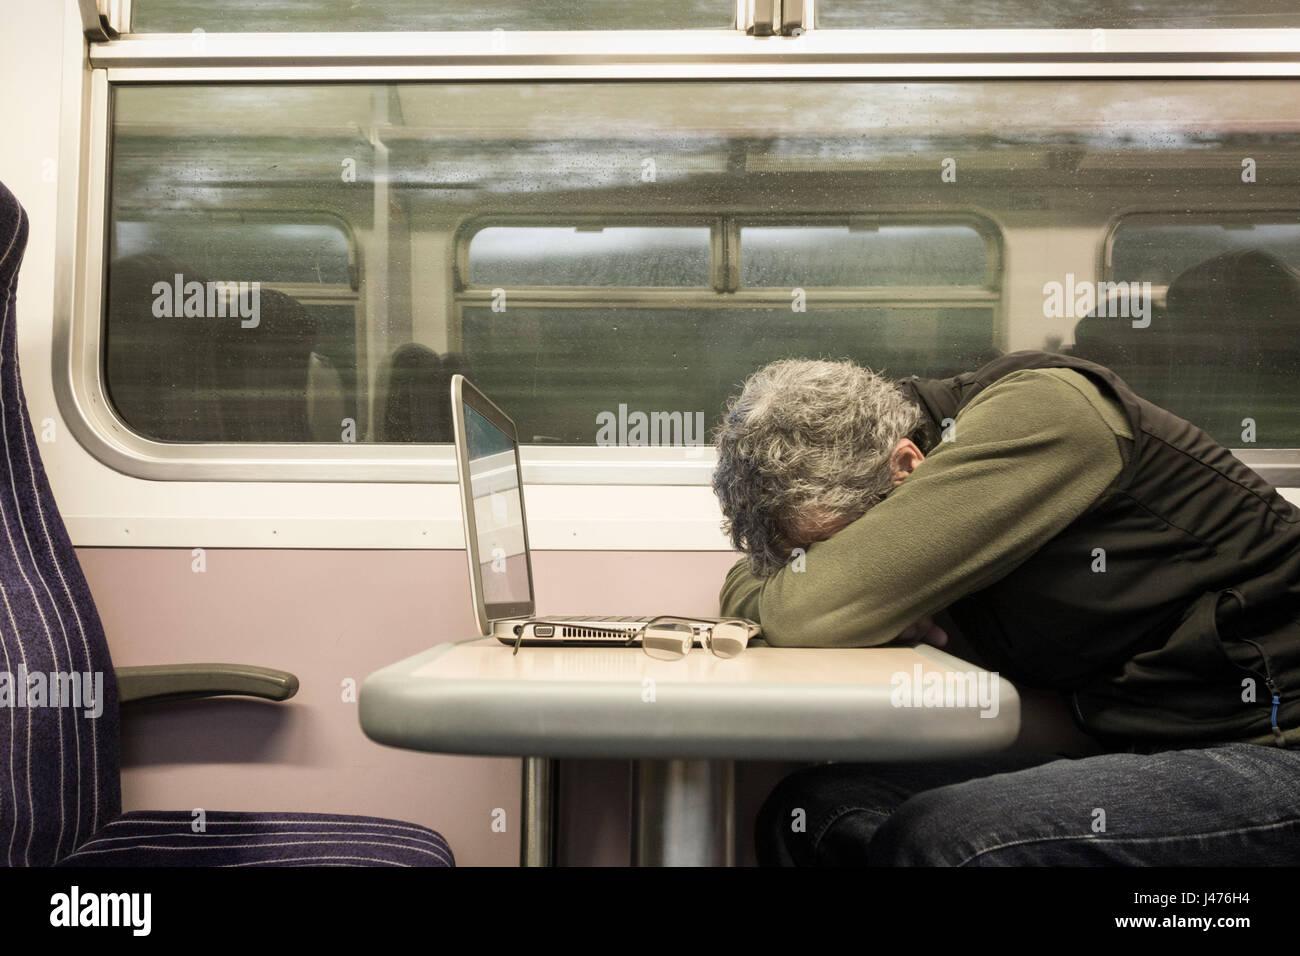 Former UK. Man with laptop dormir au siège de fenêtre sur train vide avec la pluie sur la fenêtre. Photo Stock